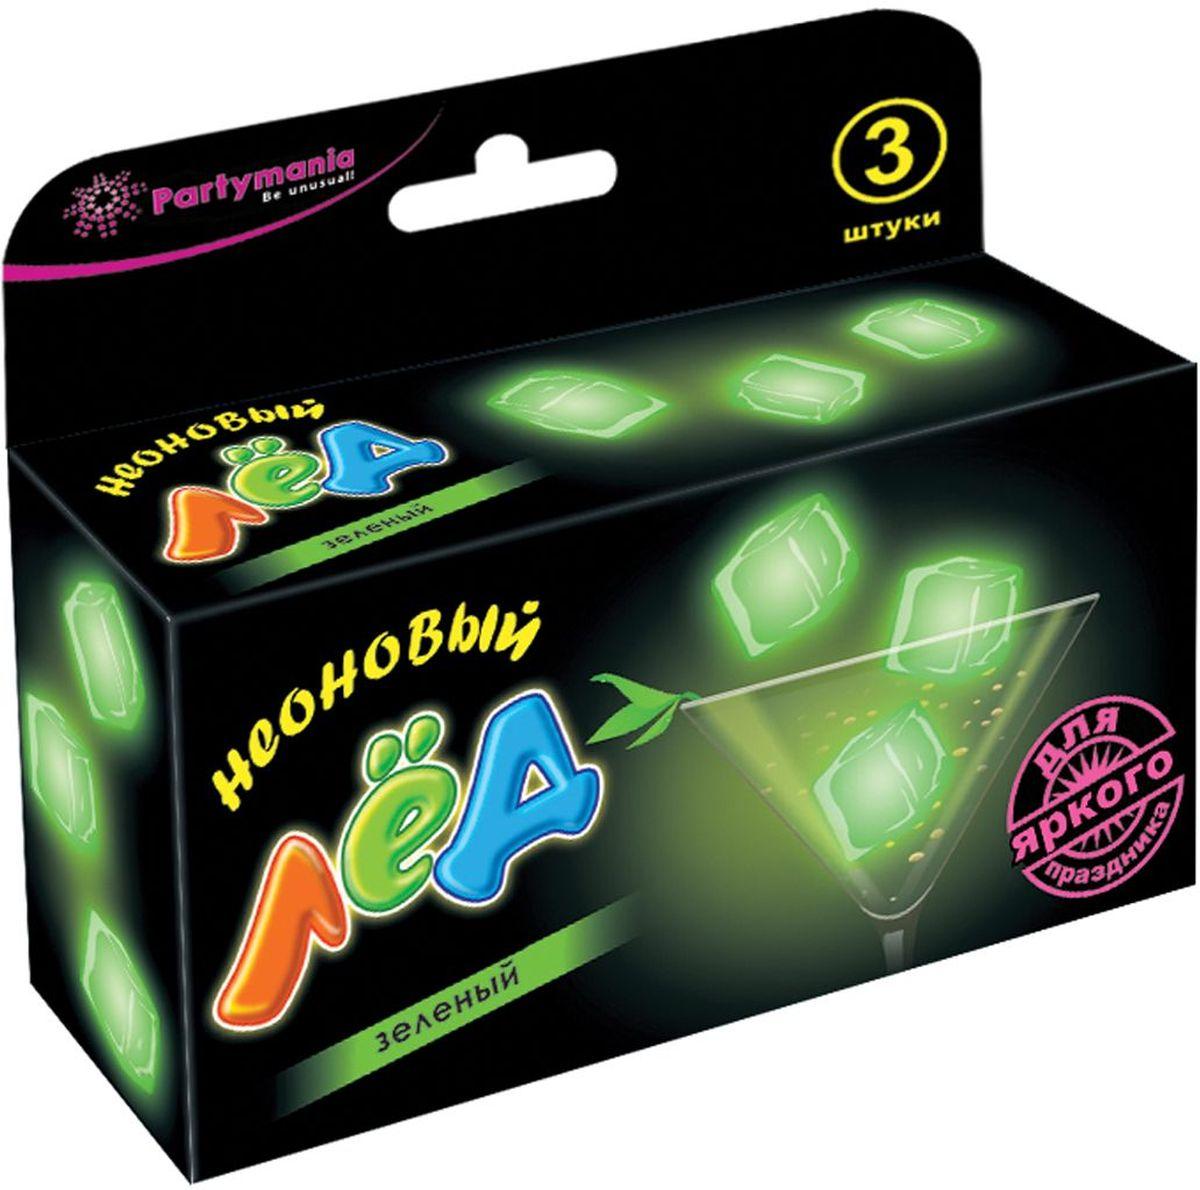 Partymania Изделие для праздников Неоновый лед T0111 цвет зеленыйT0111_зеленыйИспользуется для украшения напитков. Придает оригинальный вид любому бокалу, стакану с помощью эффекта интенсивного неонового свечения. Изделие светится в течение 5-6 часов. Для достижения наилучшего цветового эффекта рекомендуется использовать изделие в темноте или при слабом освещении.